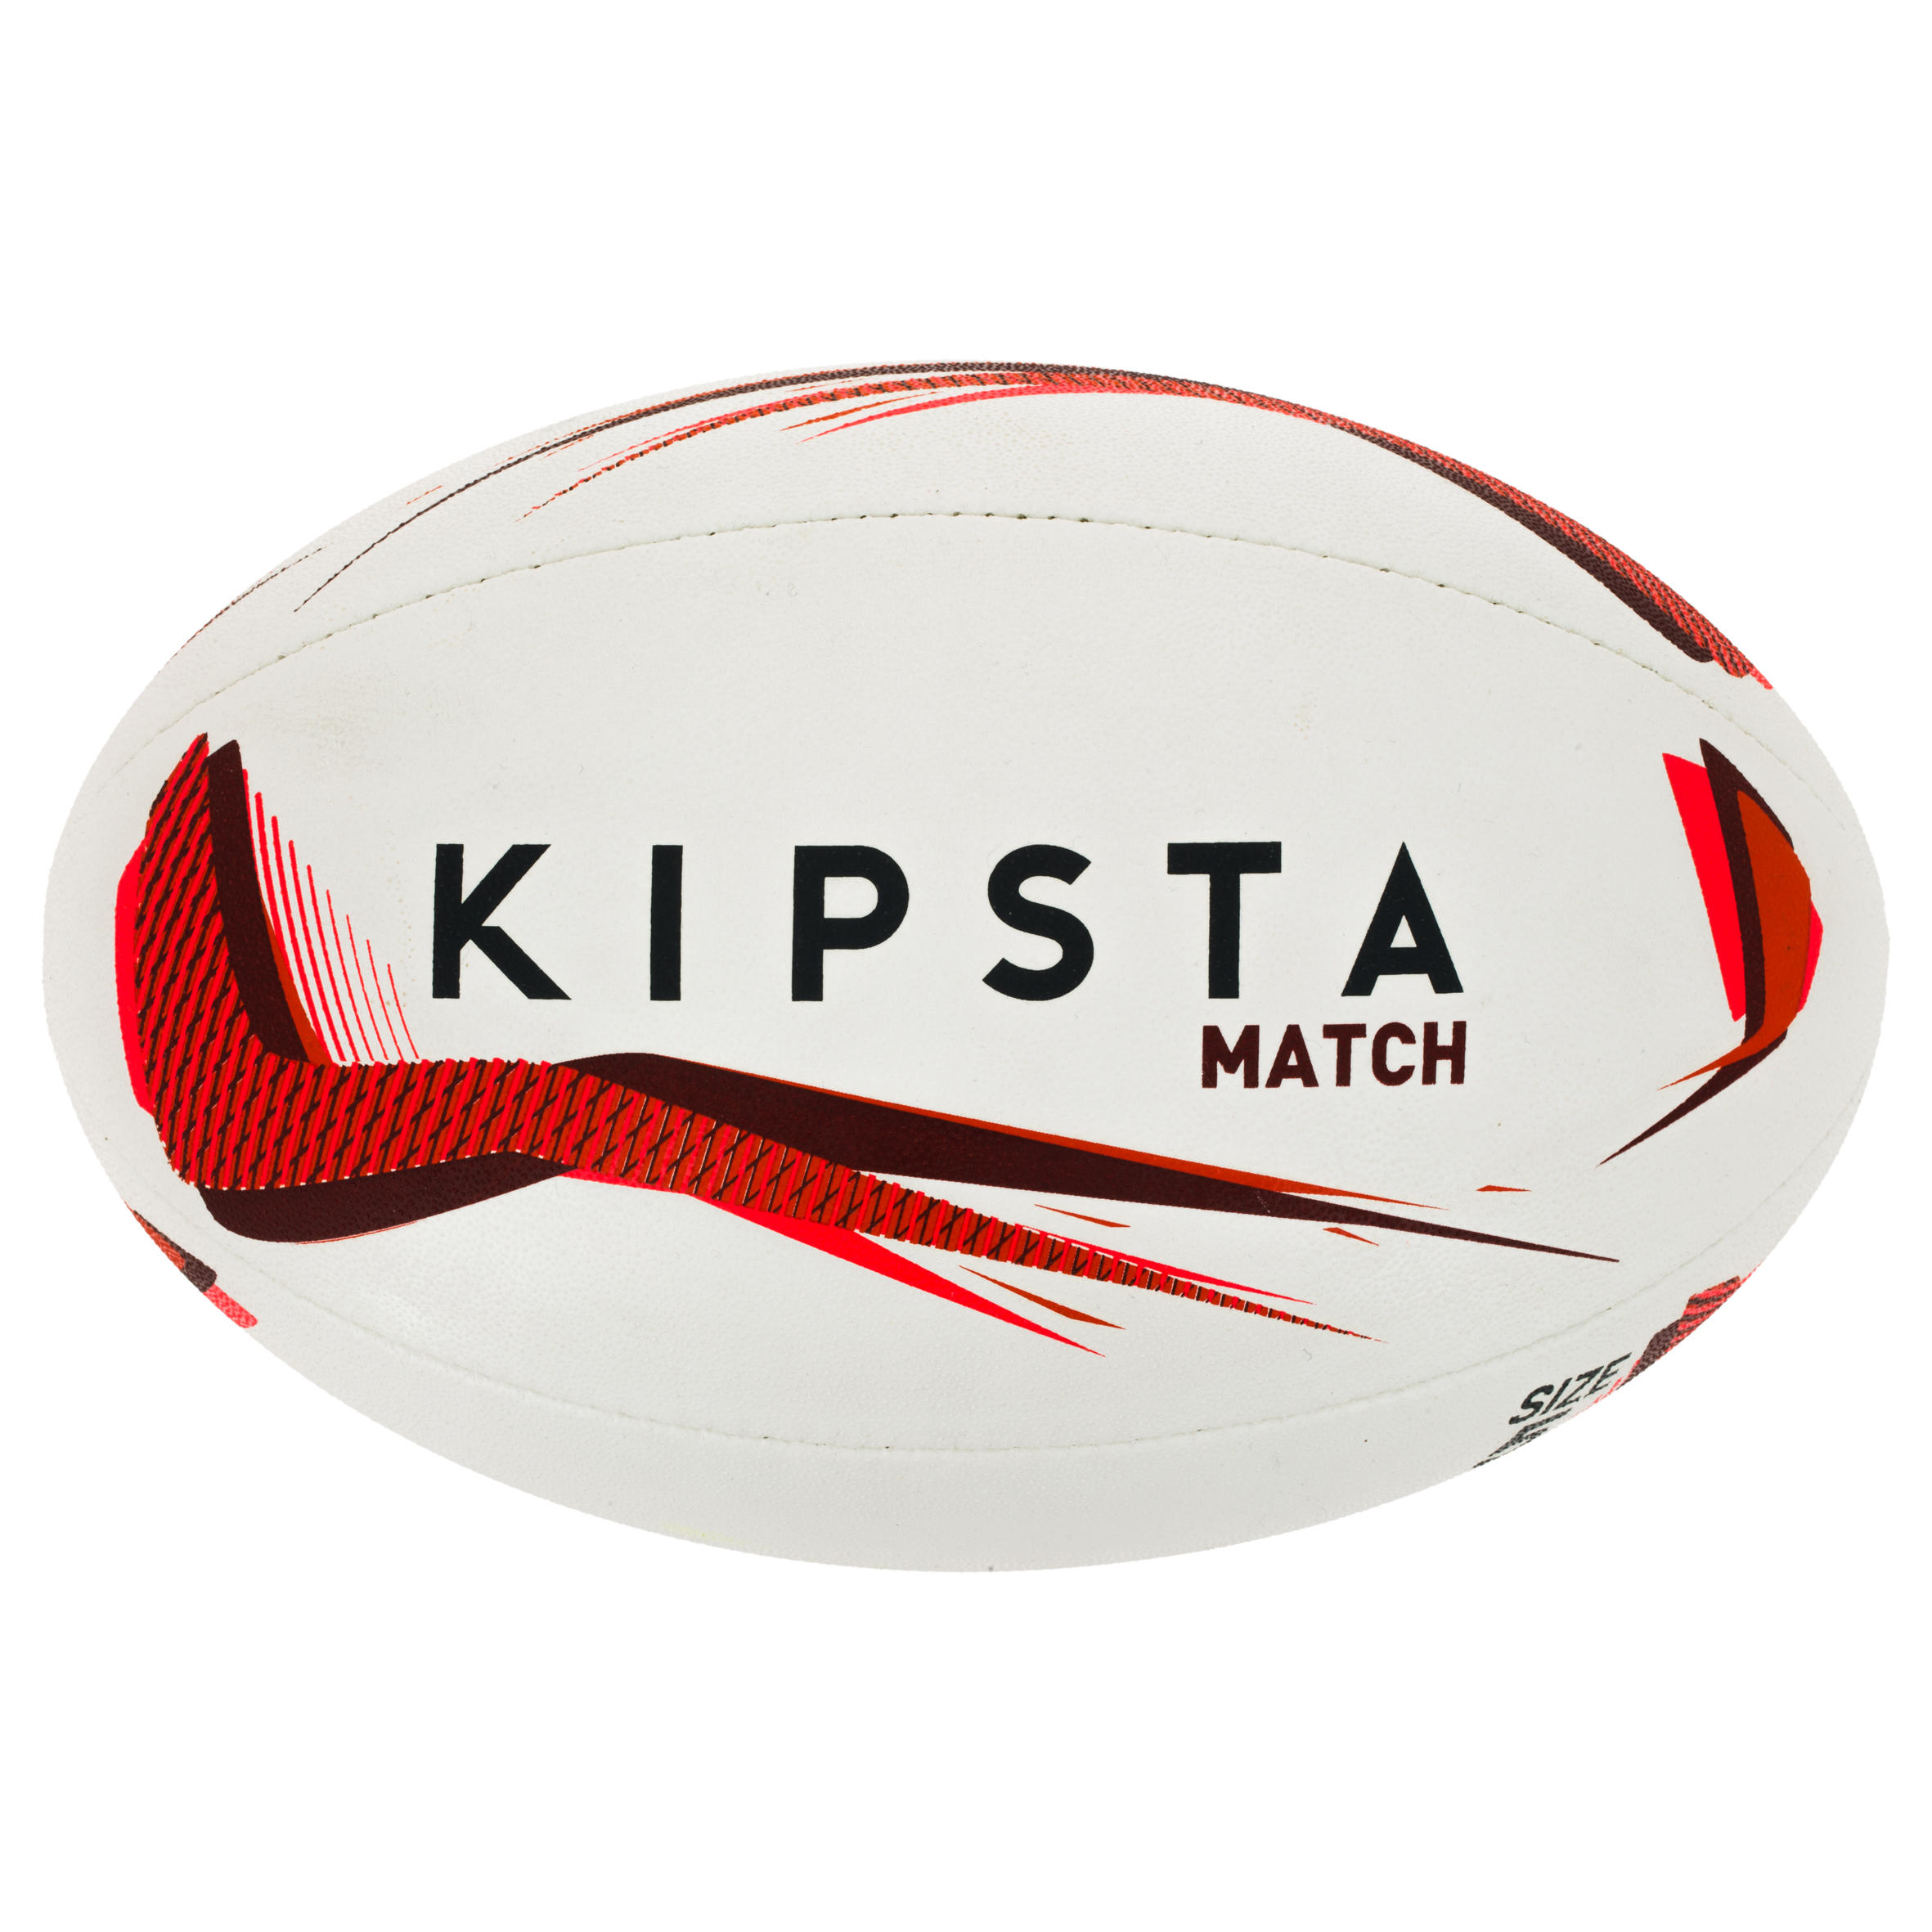 Kipsta Rugbybal R500 maat 5 rood